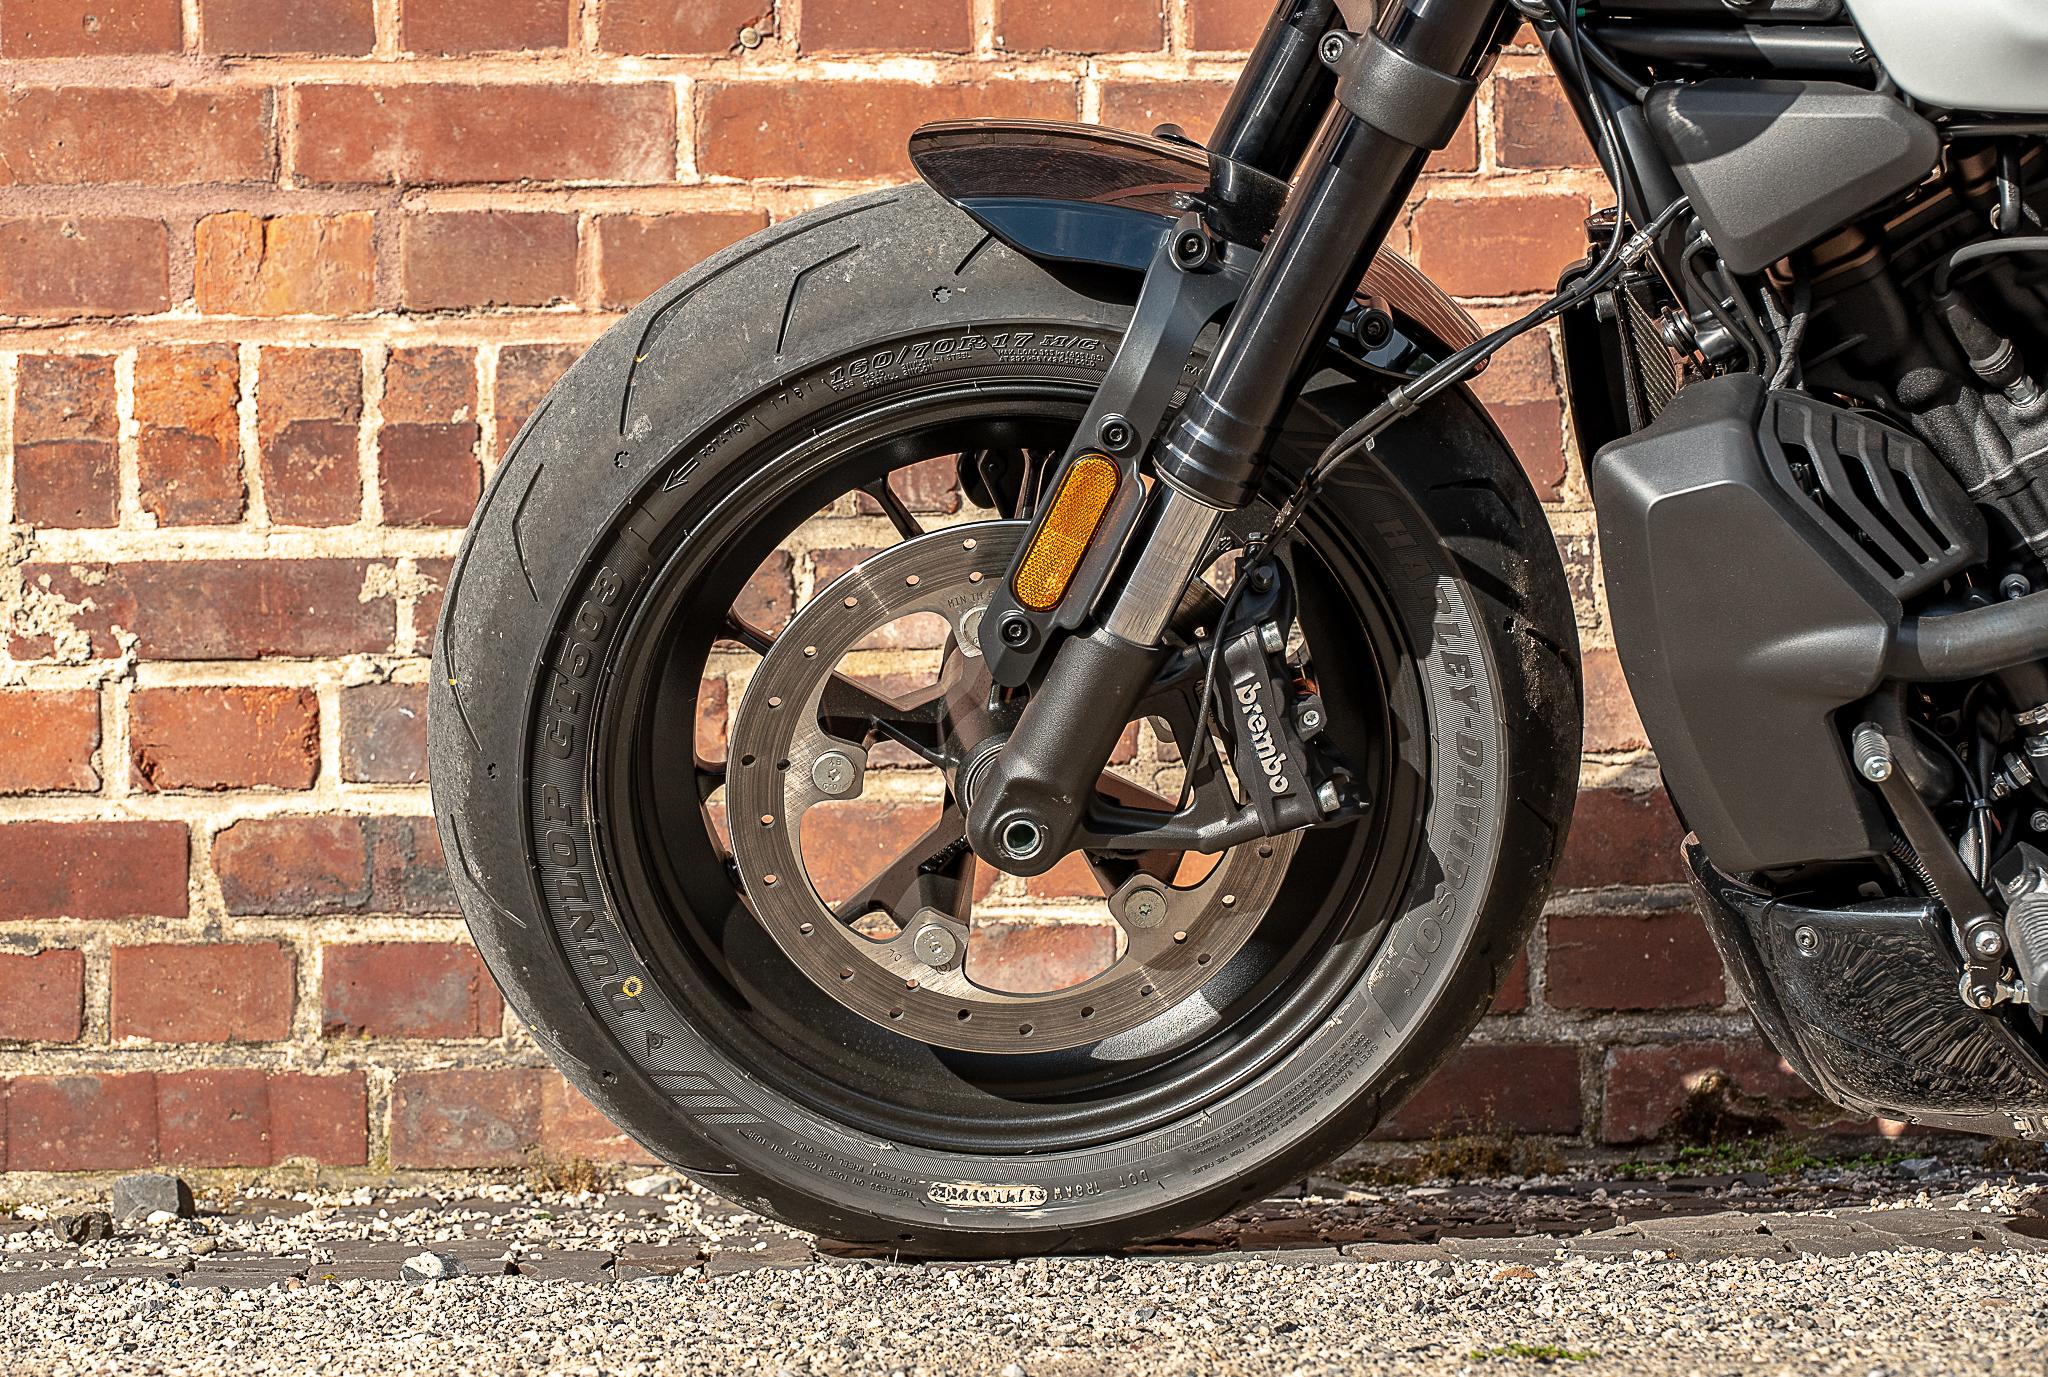 Harley-Davidson pneu avant